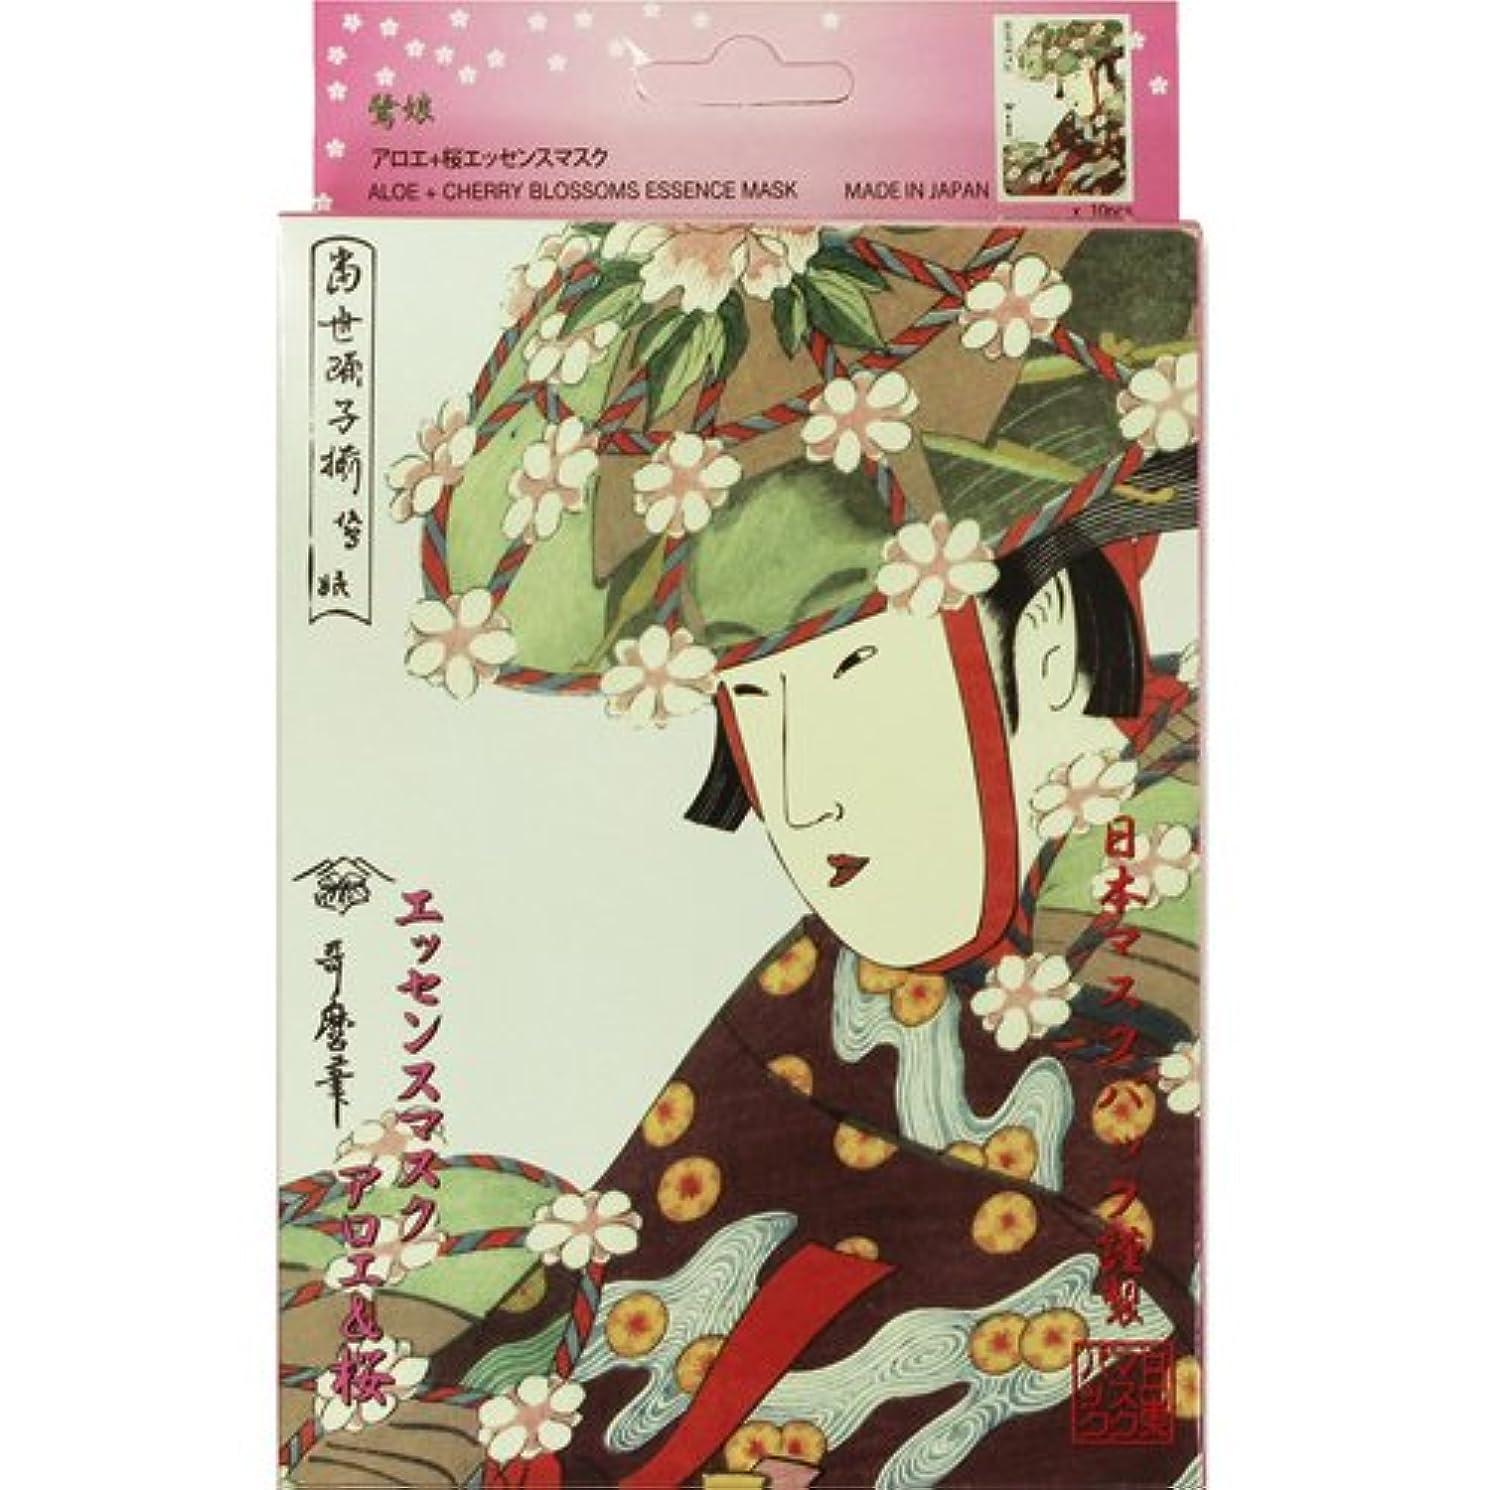 残高取得高揚したエッセンスマスク アロエ+桜10枚